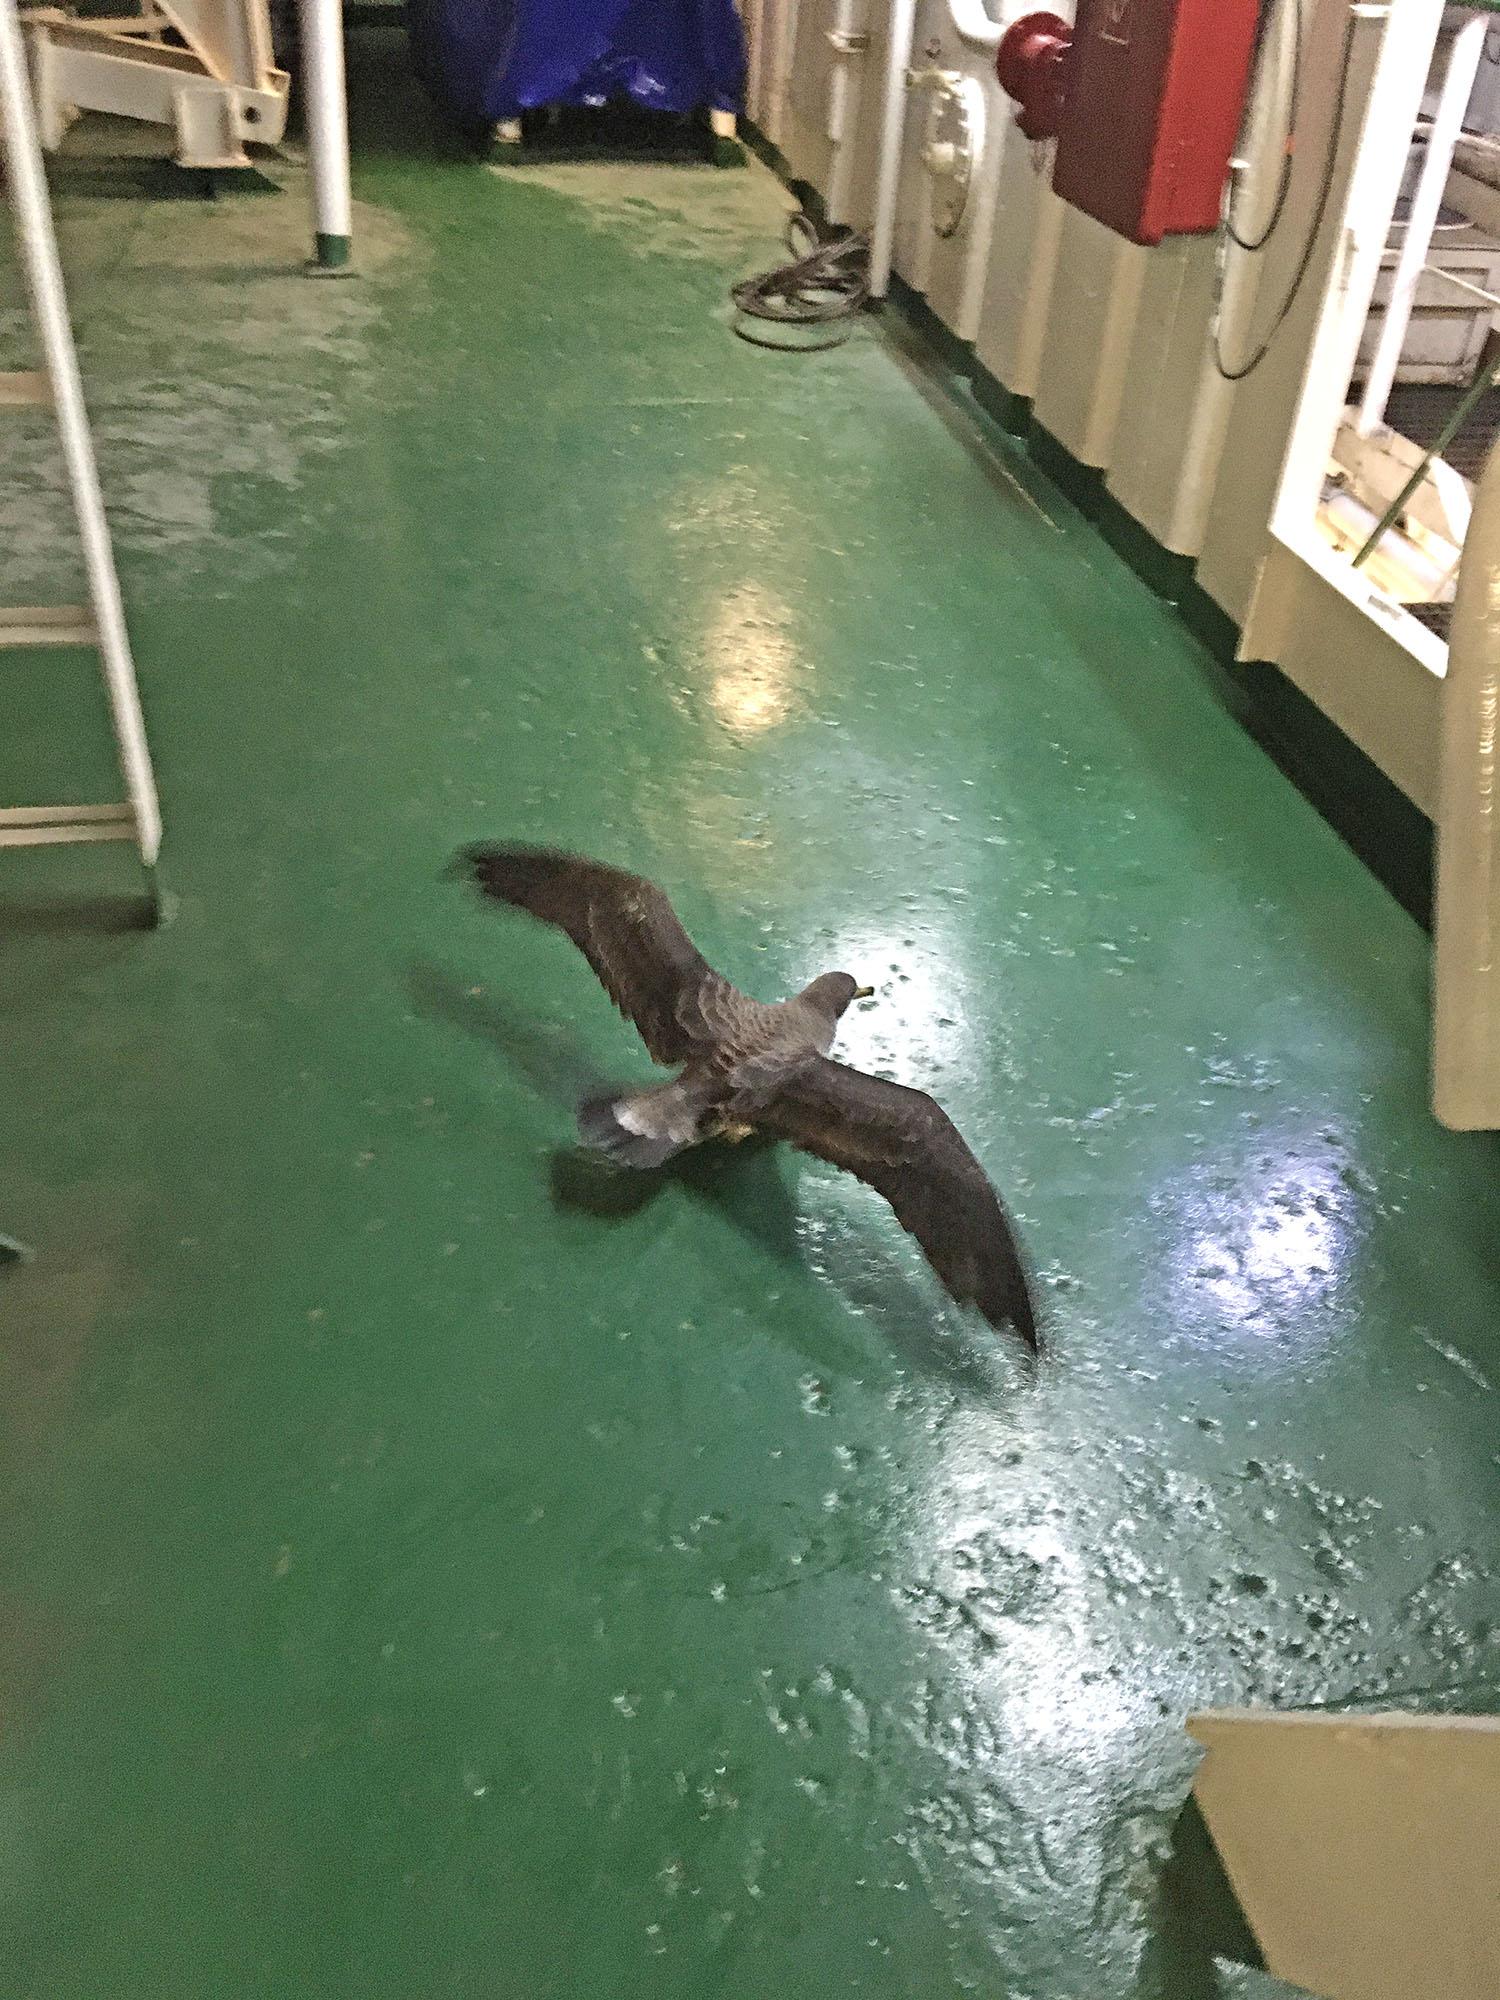 Алуша. Несчастная птица не сможет самостоятельно покинуть судно, поскольку не в состоянии взлететь с палубы. Требуется помощь человека. Но для этого её нужно поймать и ничего ей не сломать.